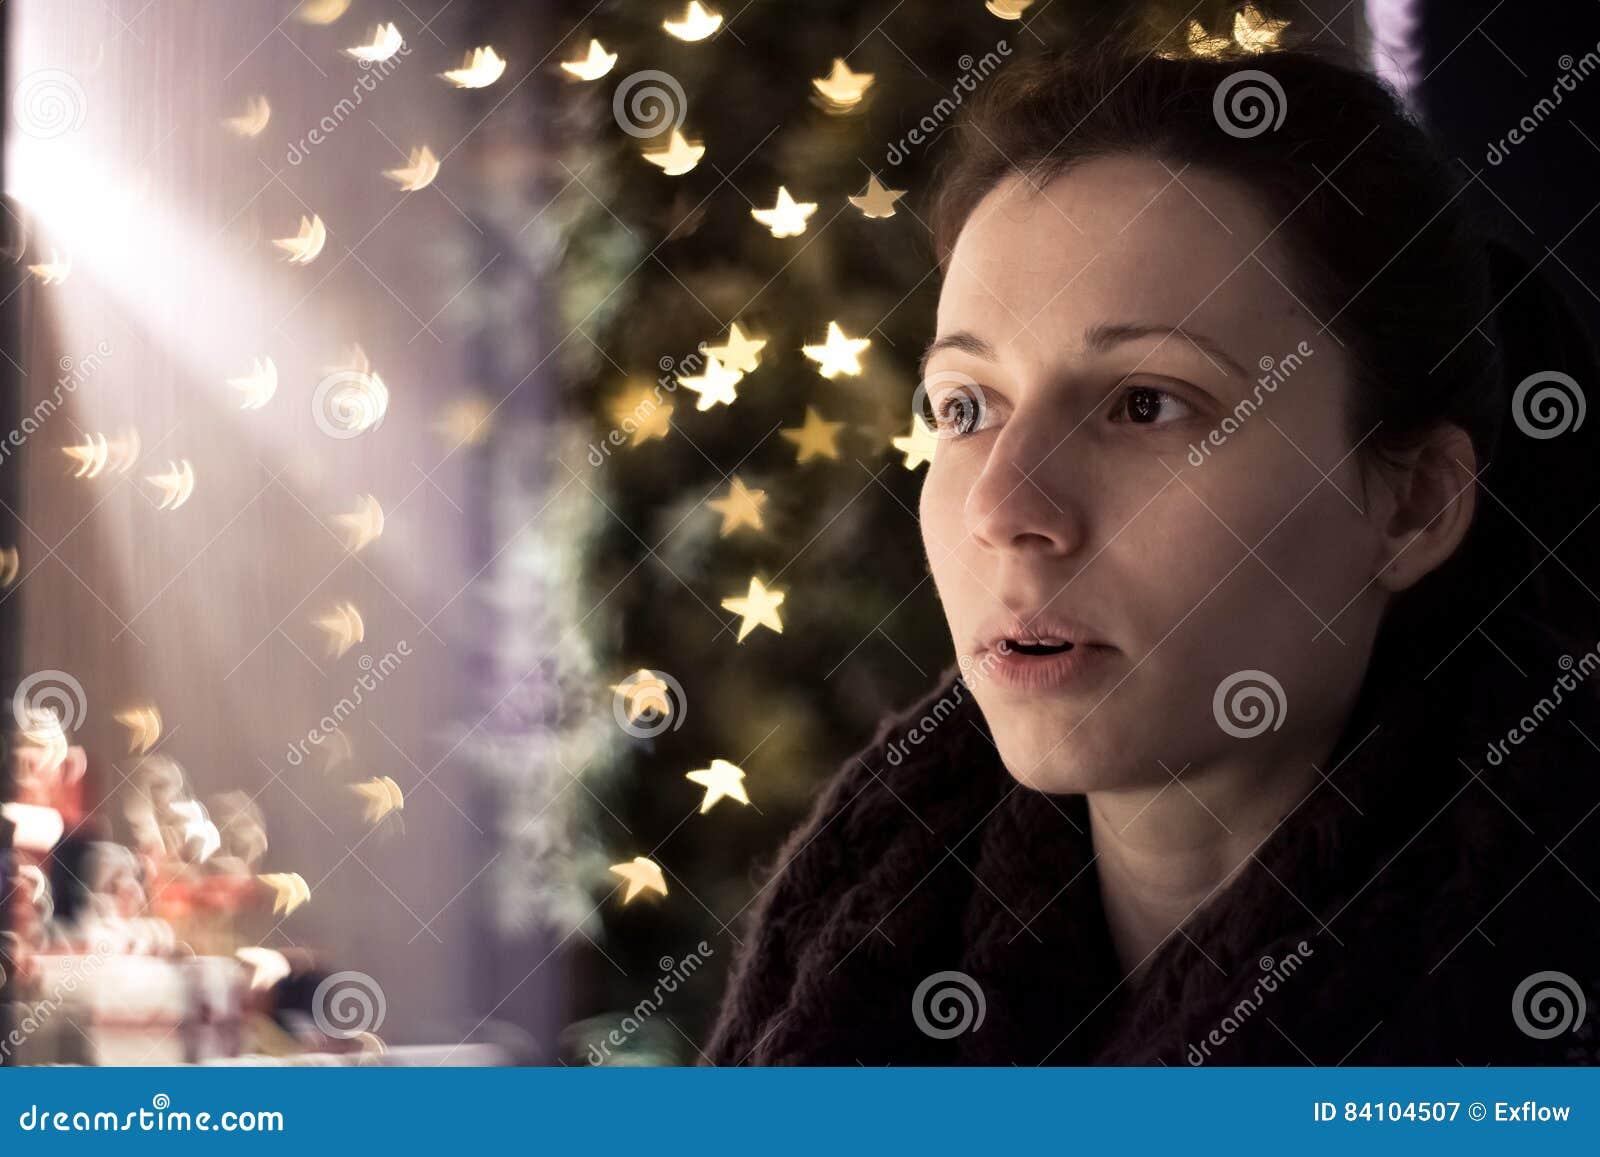 ¡Guau! Muchacha sorprendente por las decoraciones de la Navidad